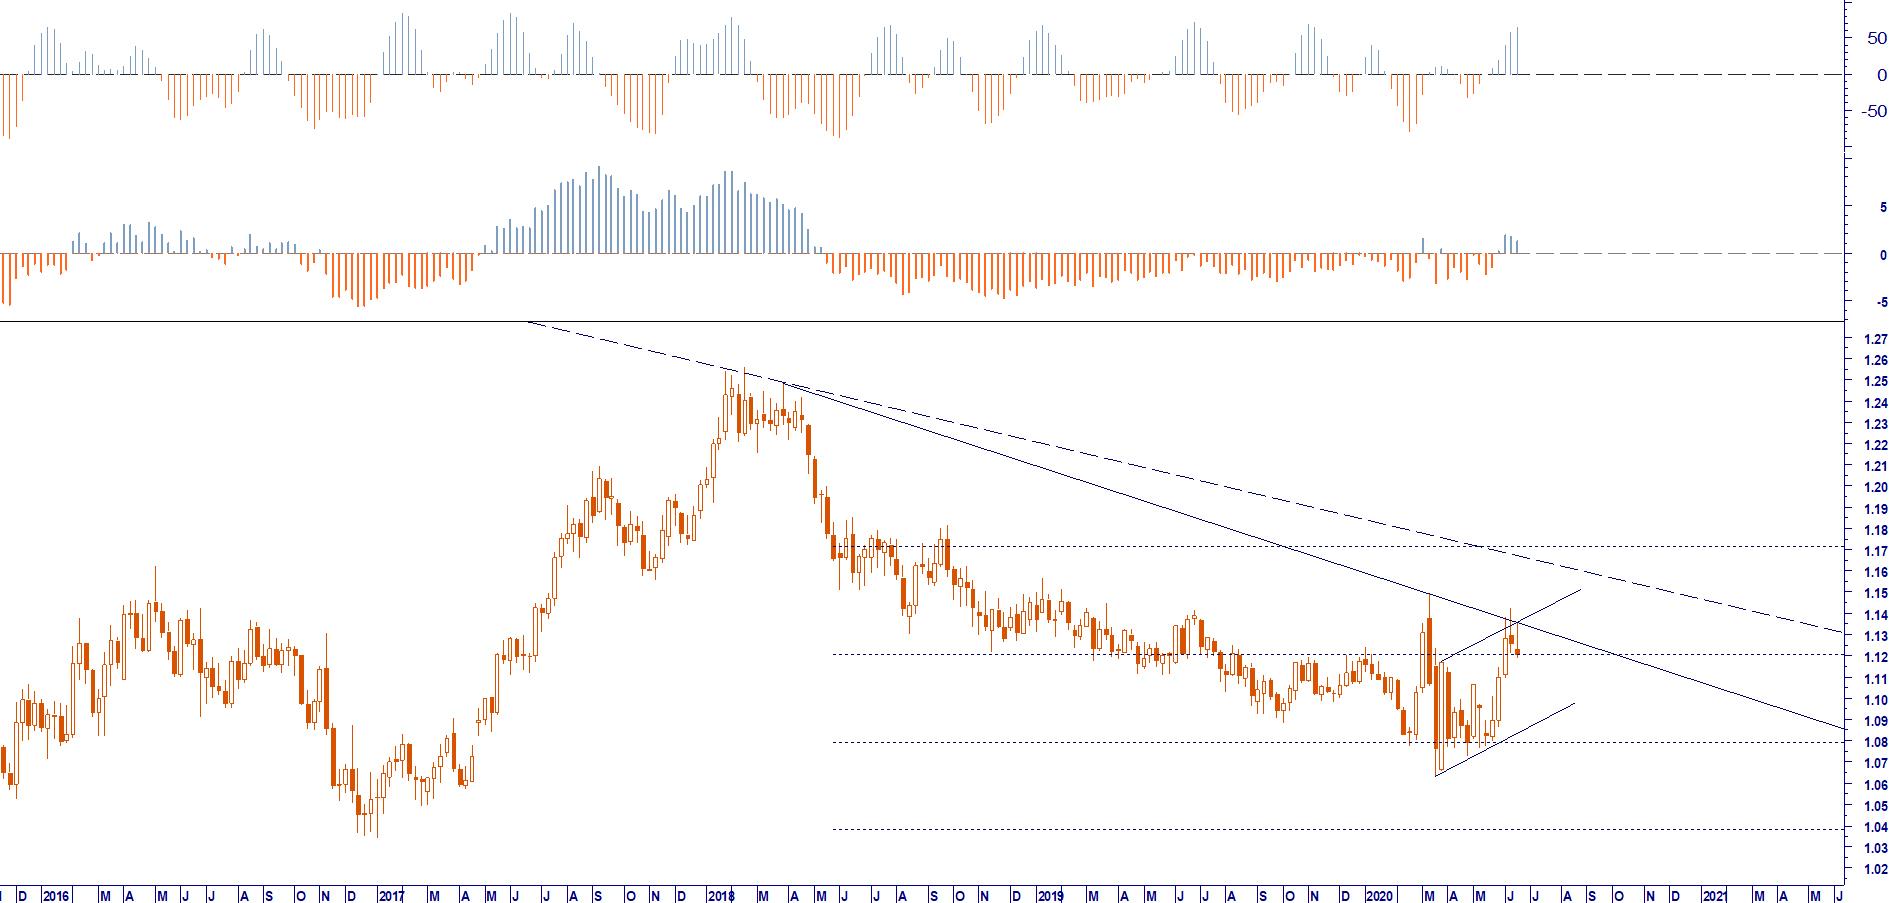 E RISK MANAGEMENT EUR USD